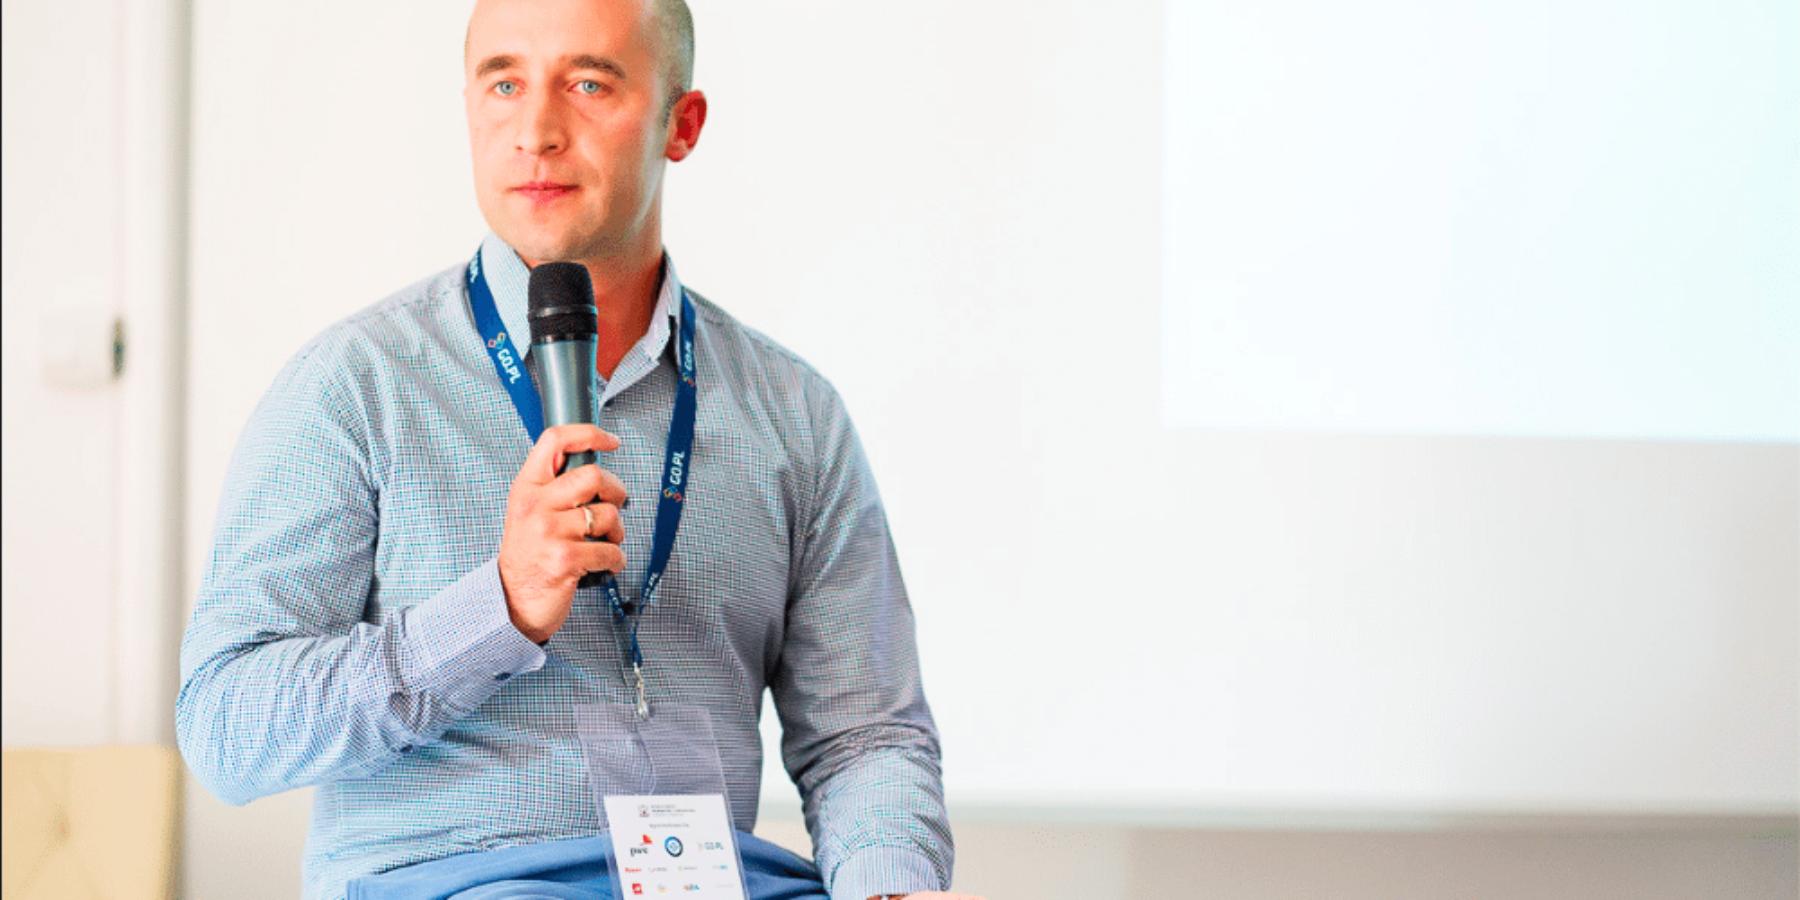 Wywiad zWojciechem Mrozem (testuj.pl) – tylko16% użytkowników daje drugą szansę aplikacji